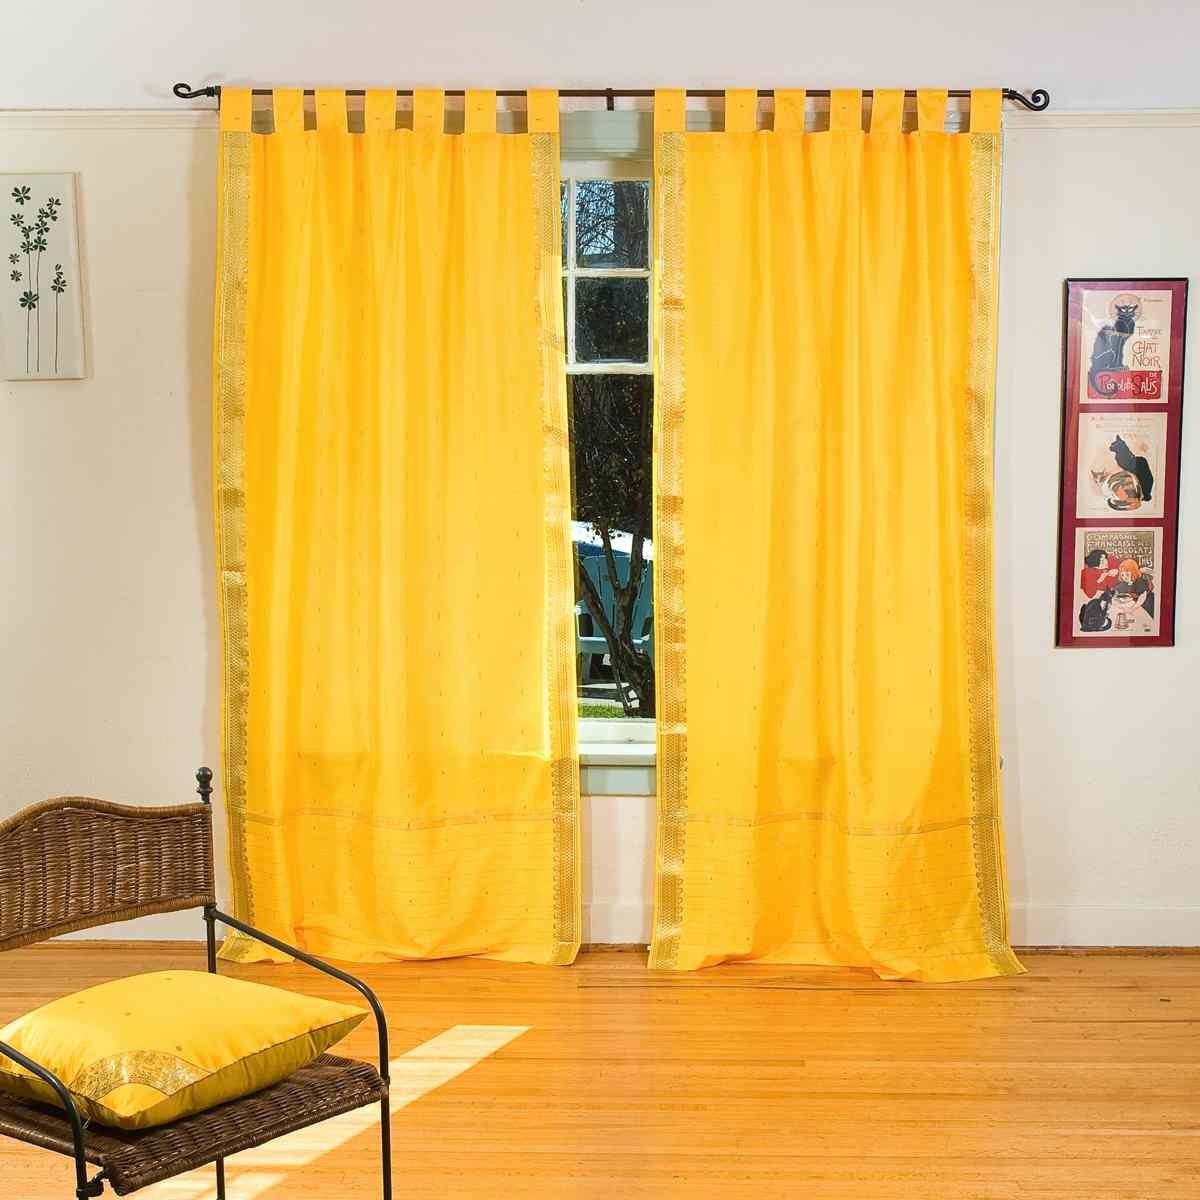 e181e8670c57213a58de82a0fb8da291 20+ Hottest Curtain Design Ideas for 2020